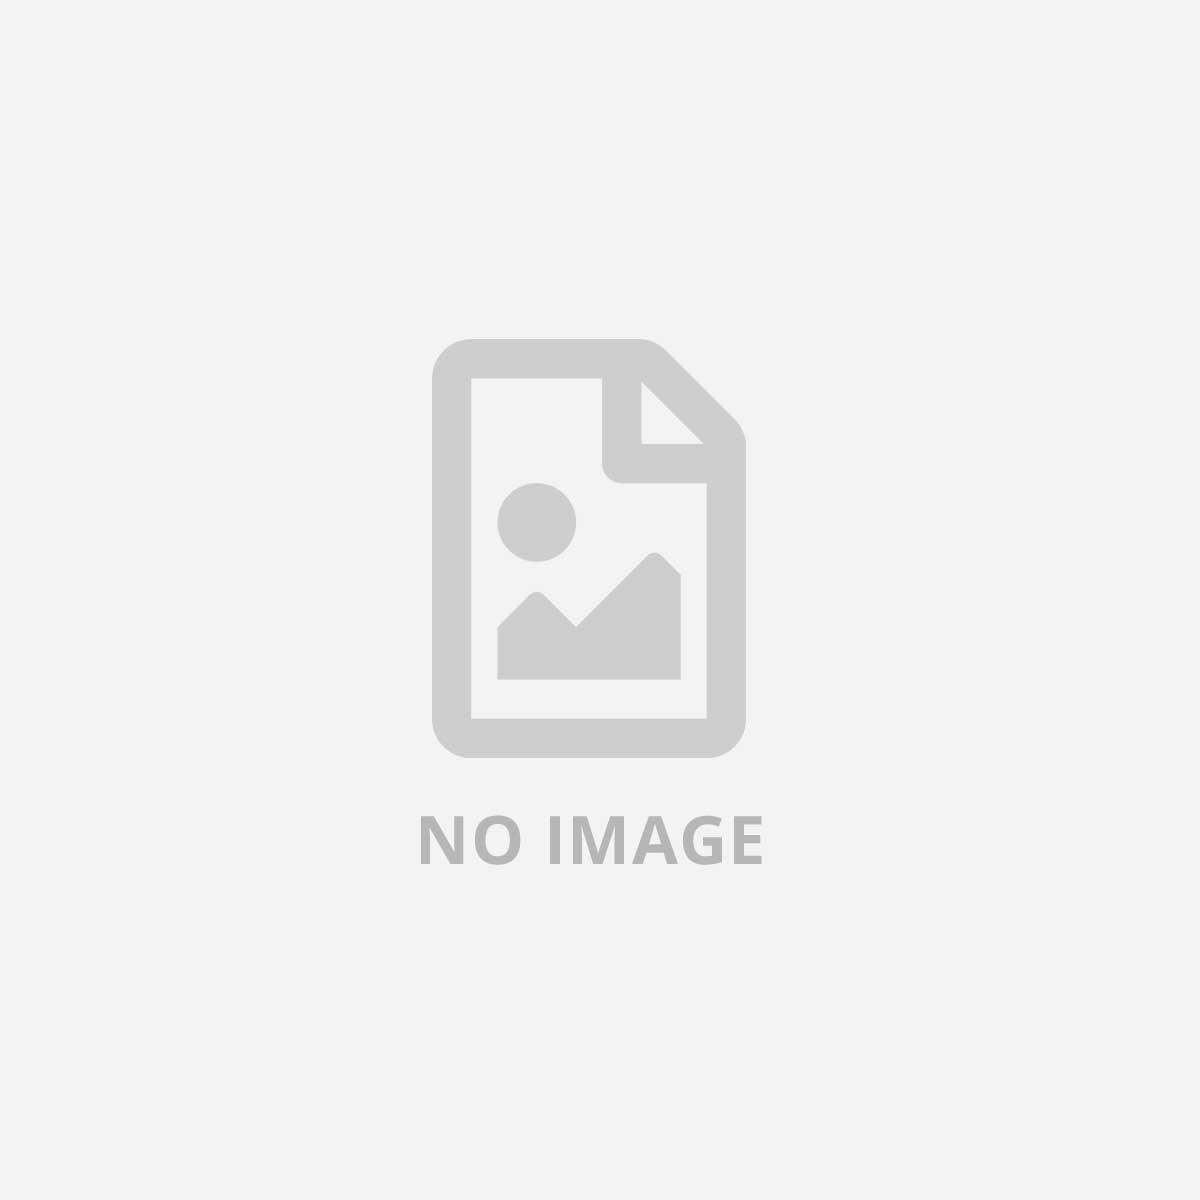 LG 42 5  LED IPS HDR 16:9 400 8MS